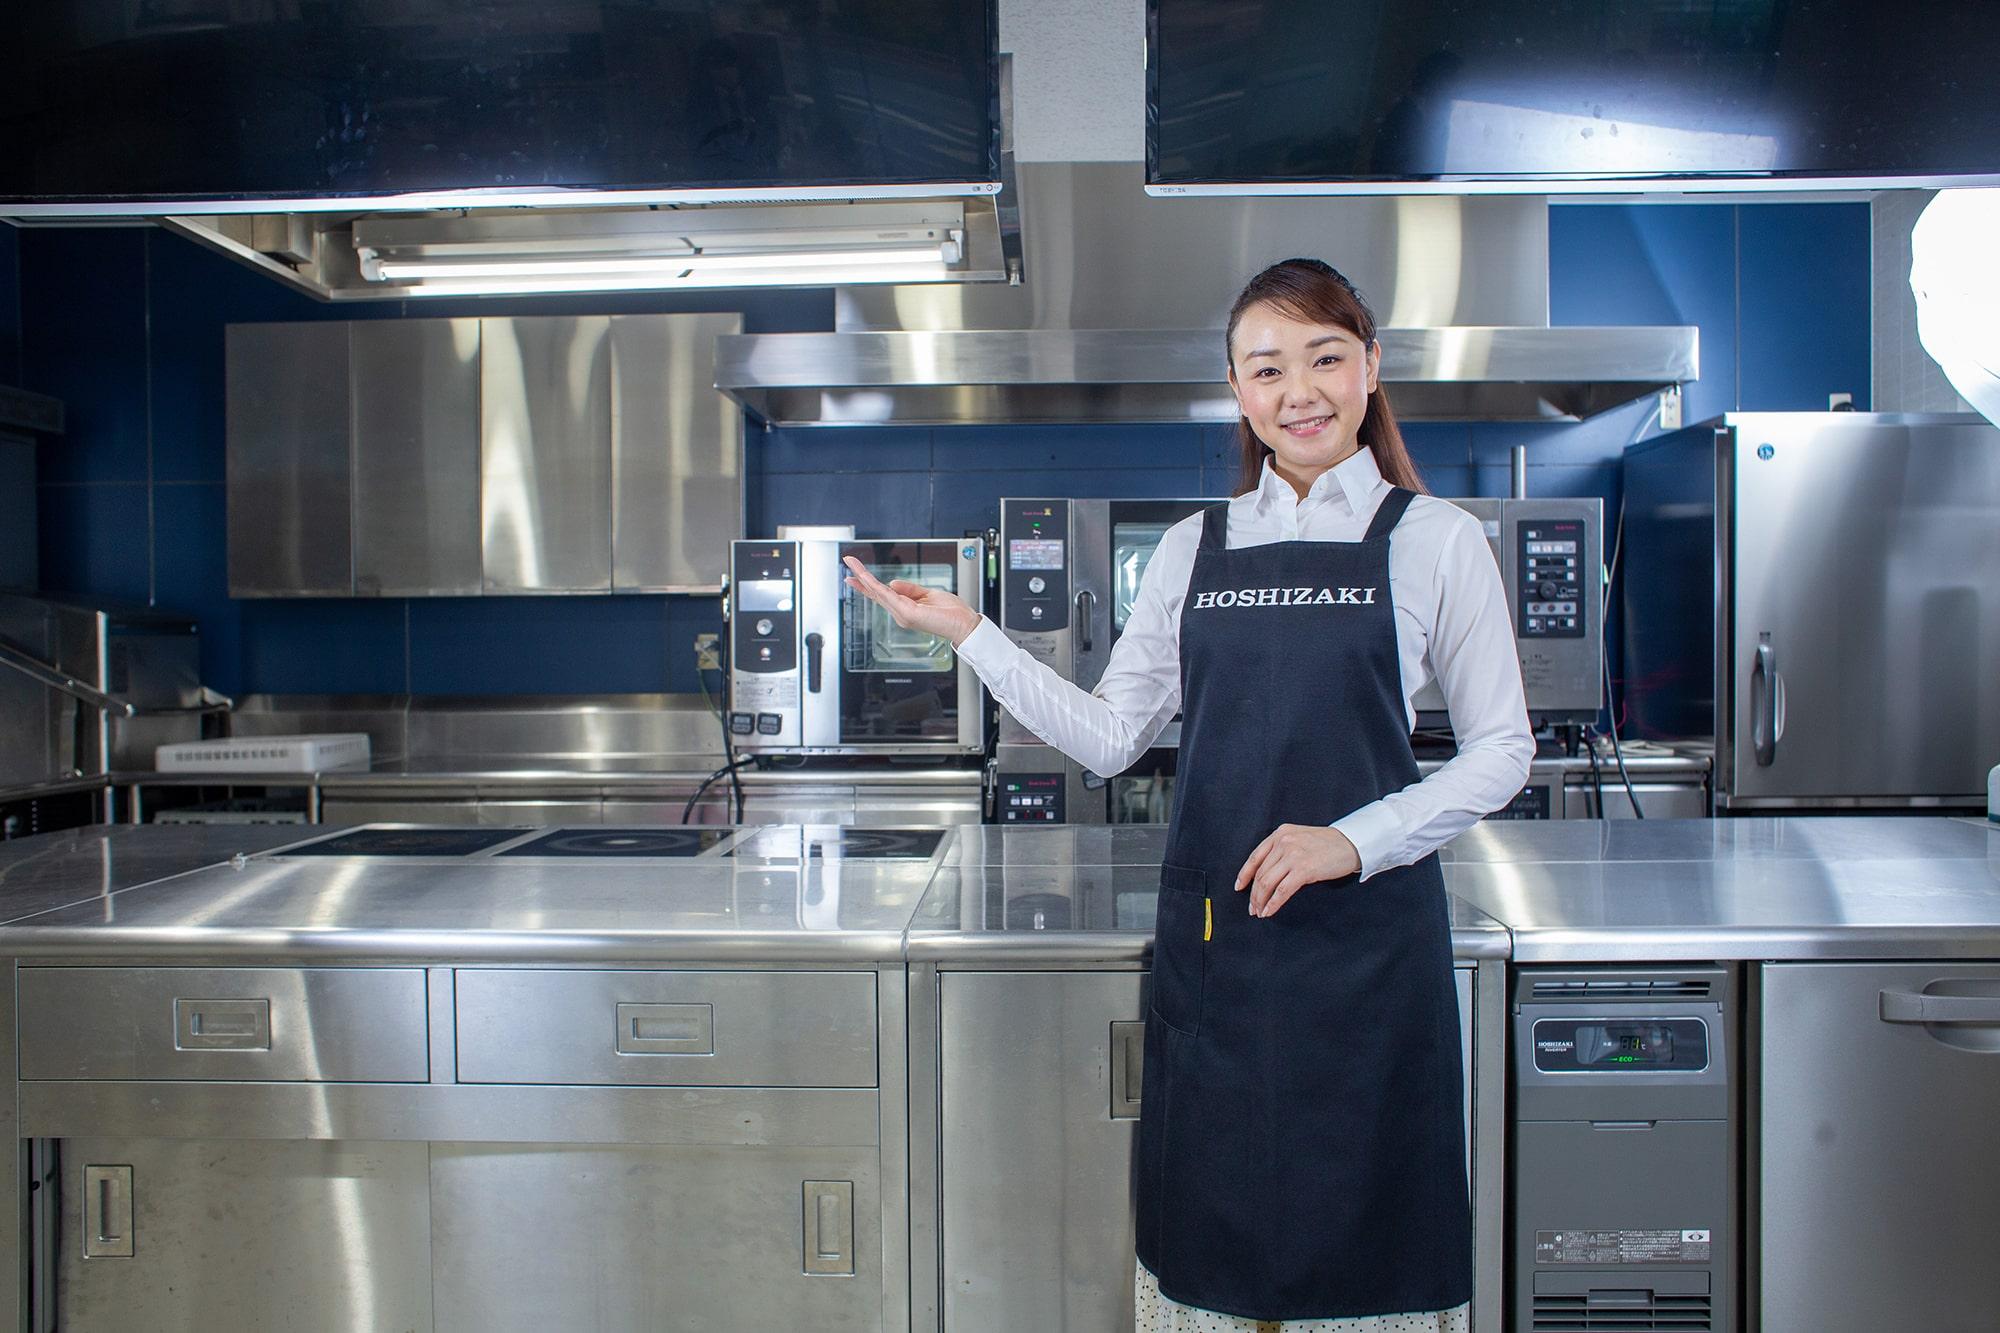 ホシザキが誇る厨房機器を体験できます